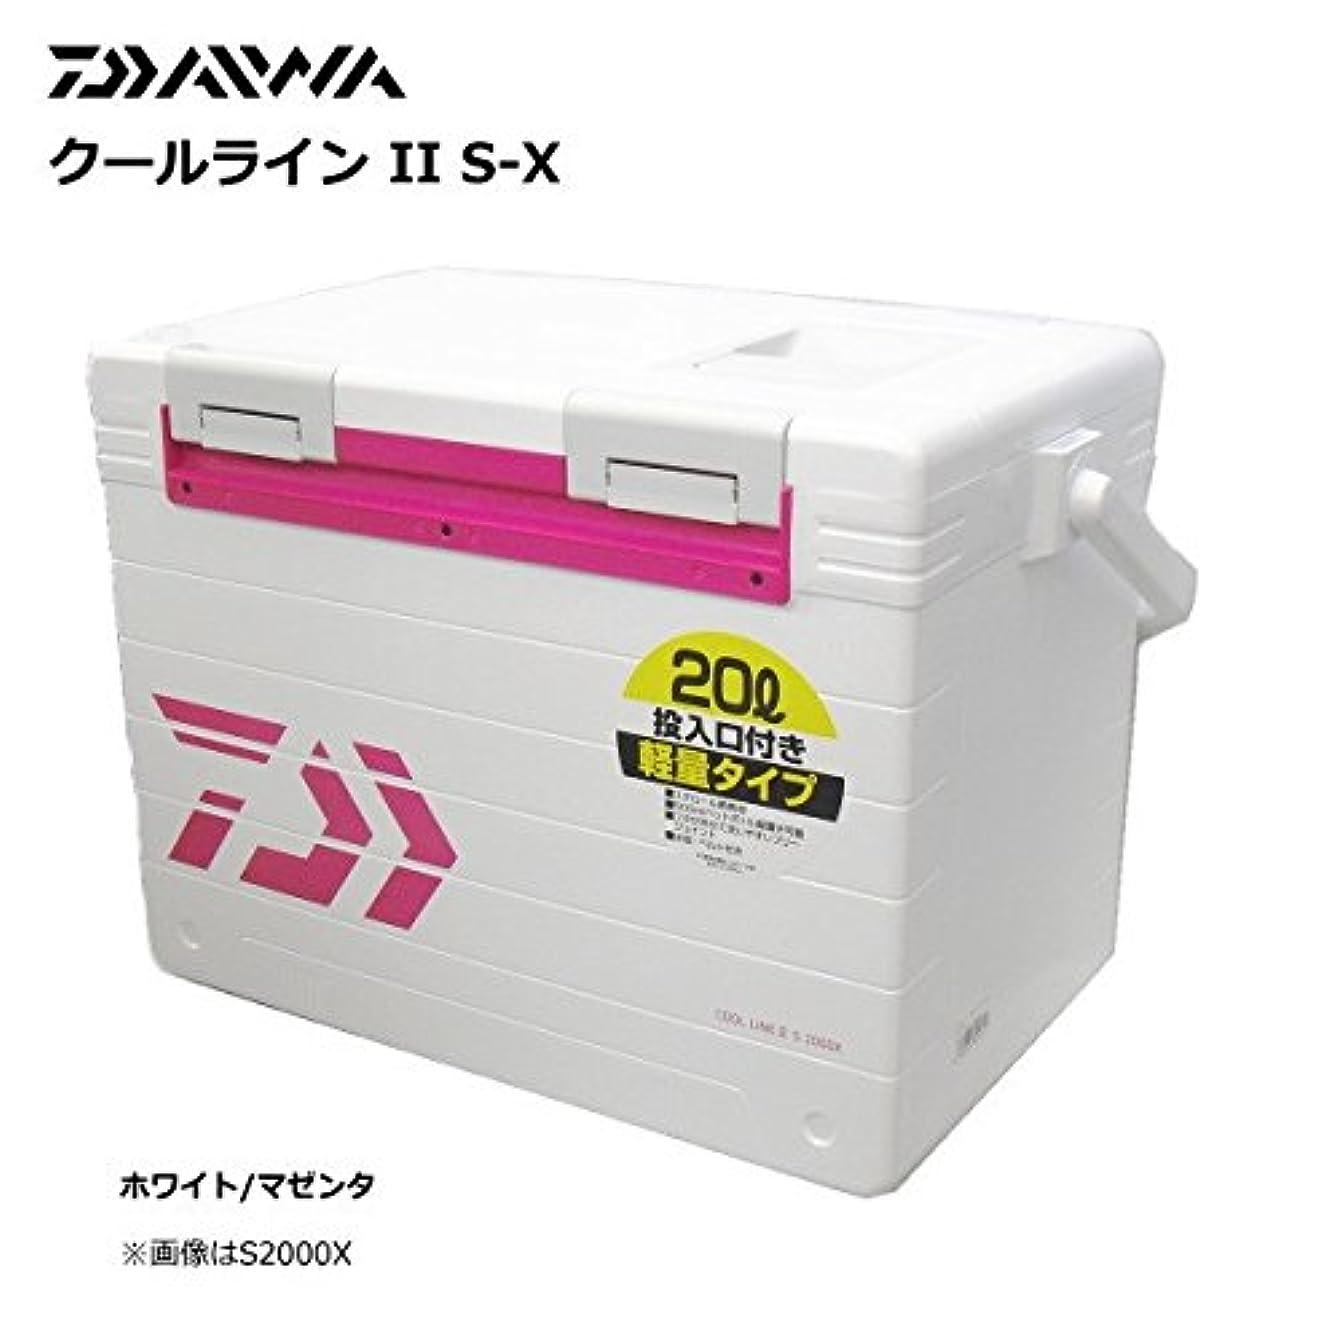 食堂特に罪人ダイワ(Daiwa) クーラーボックス 釣り クーラー クールラインII S2000X ホワイト/マゼンタ